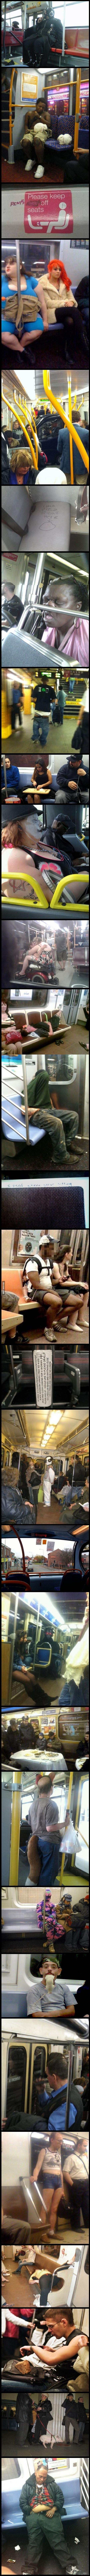 Смотреть приставания в общественном транспорте онлайн 16 фотография